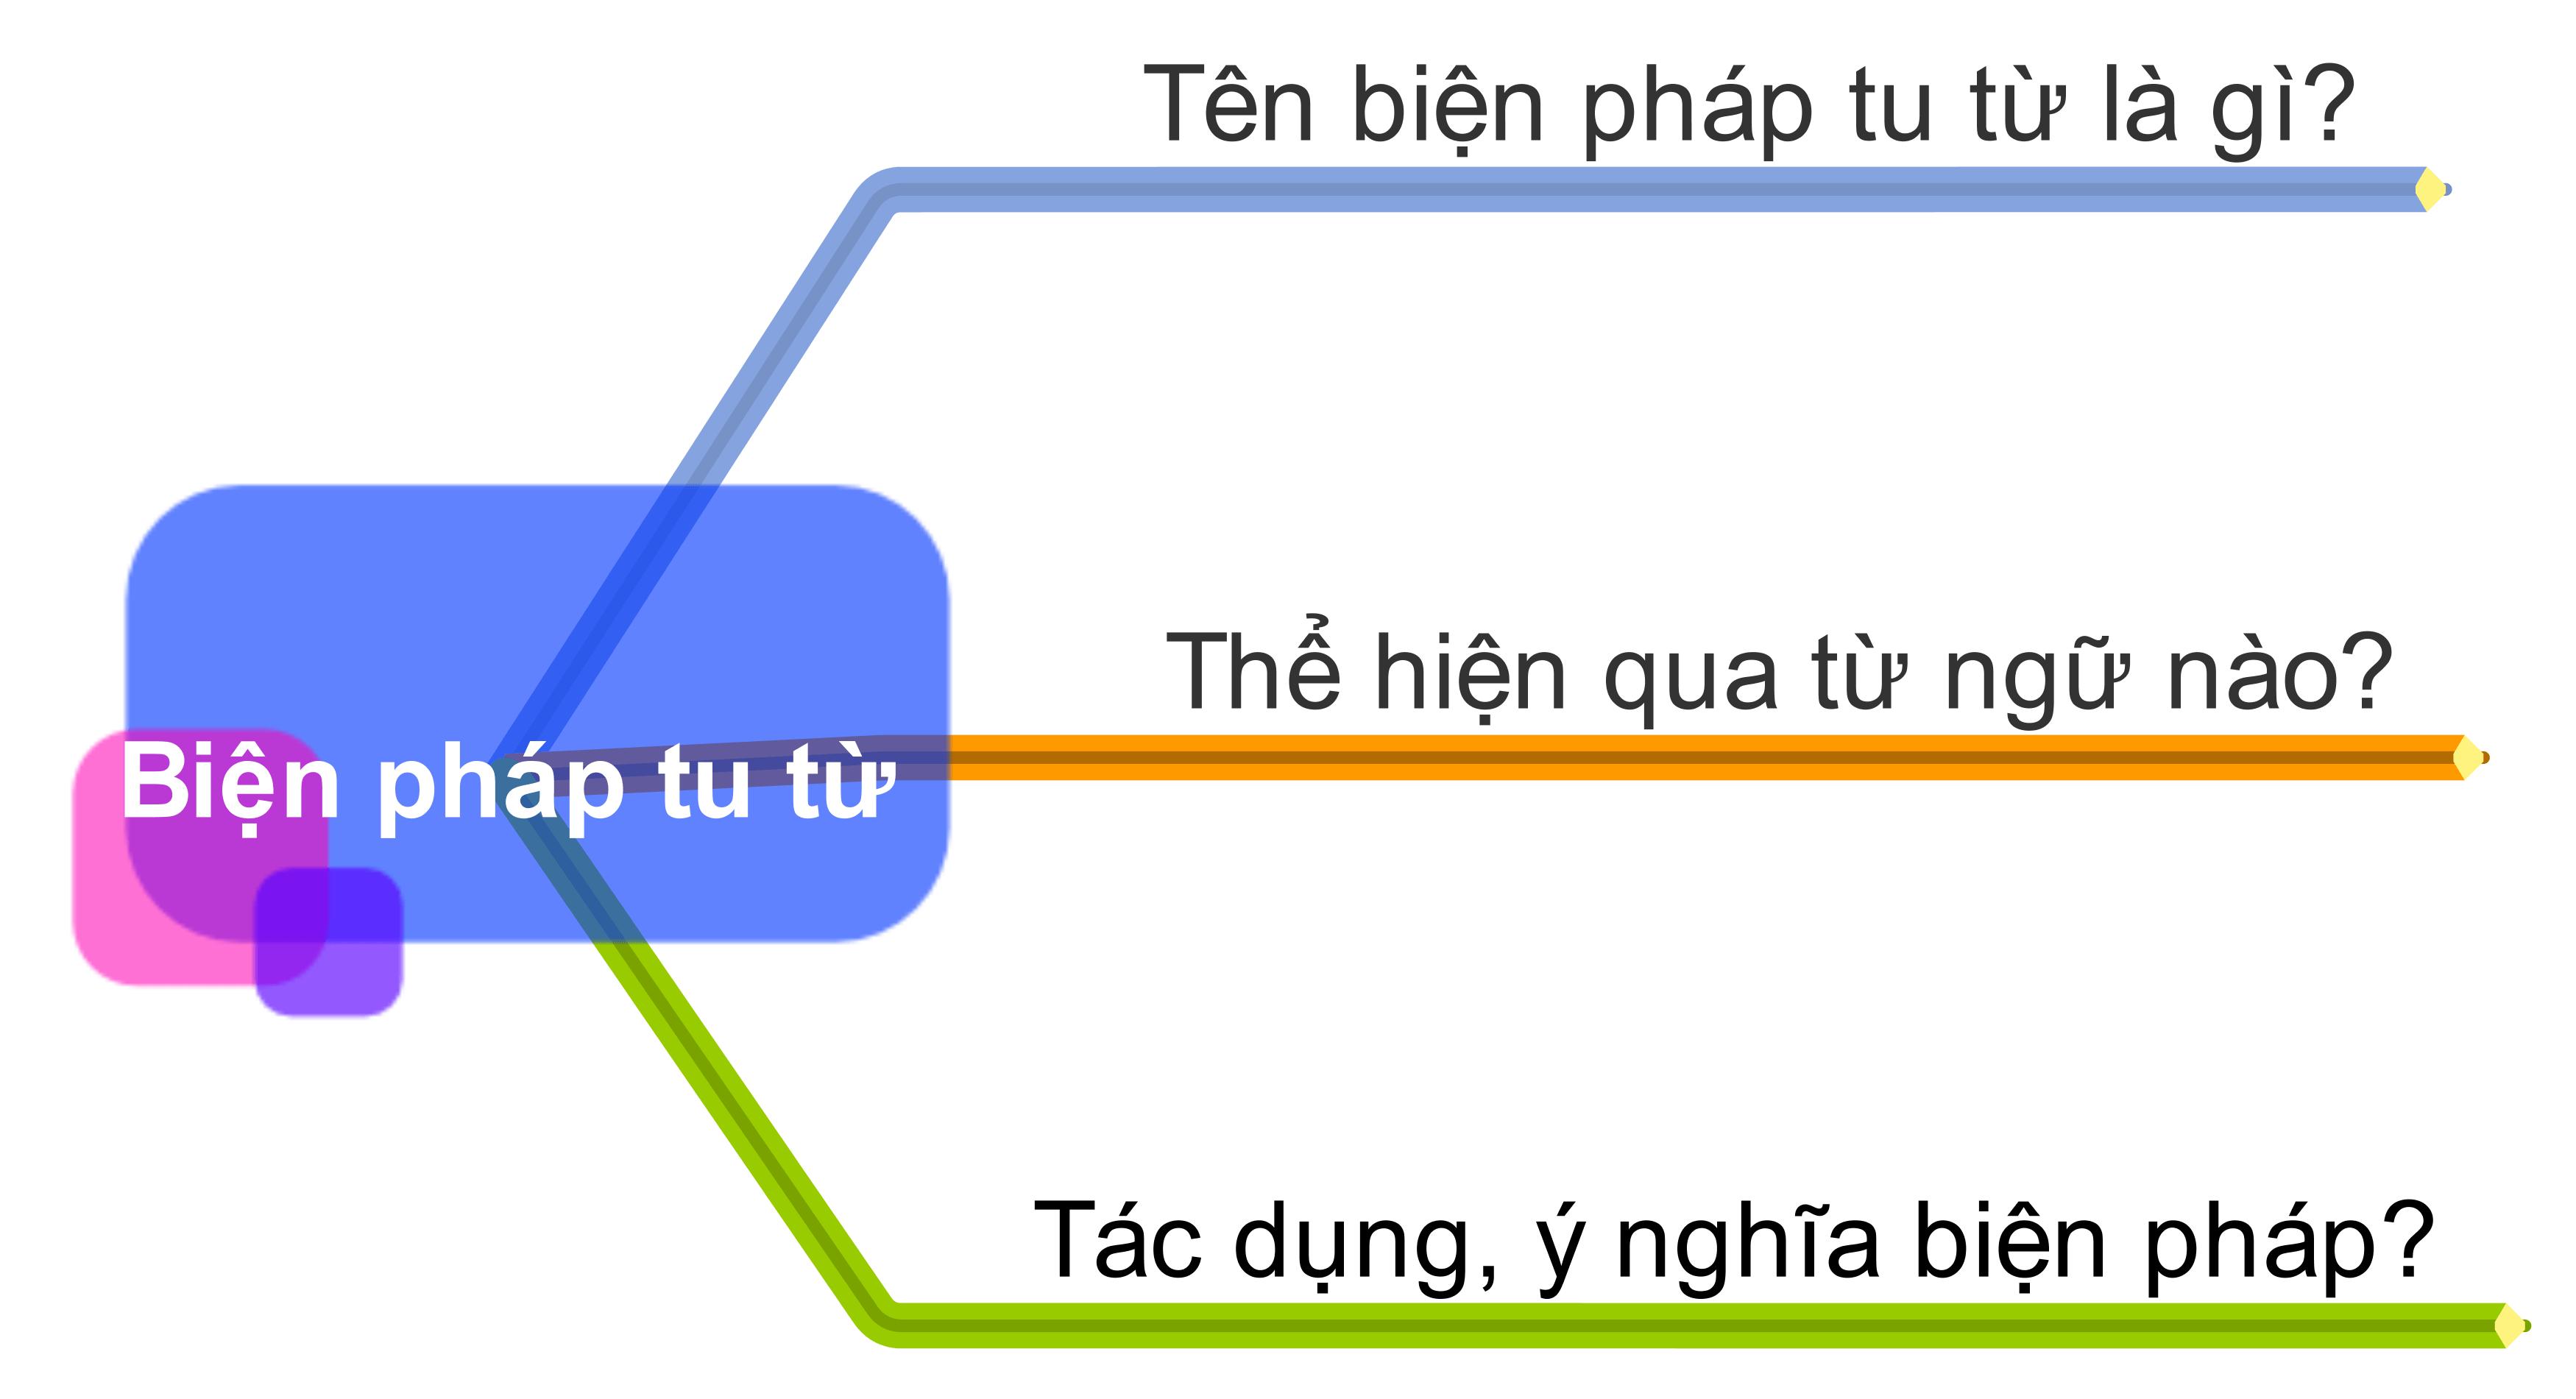 nhan-dien-bien-phap-tu-tu